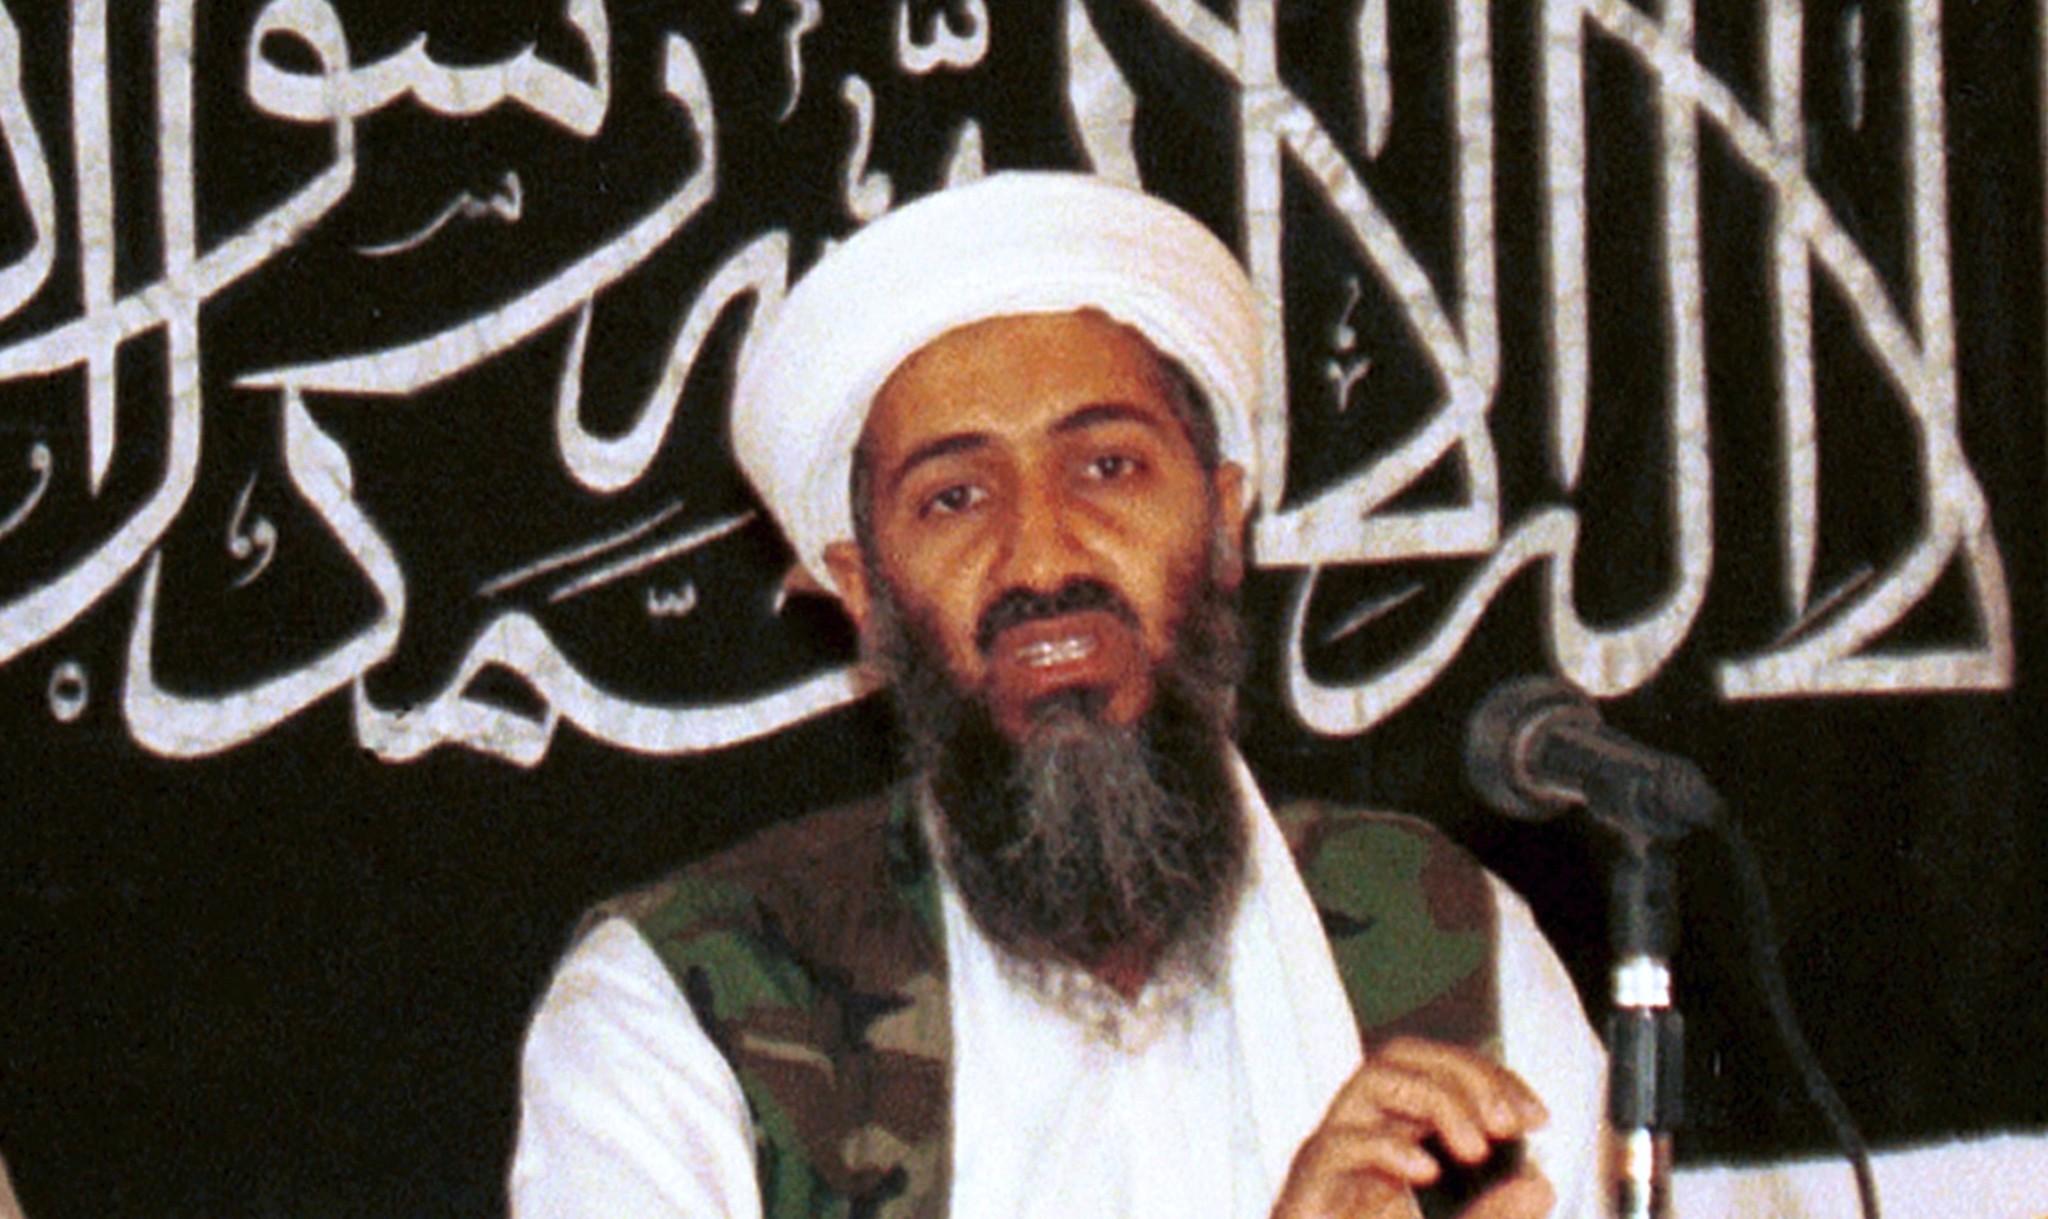 — Burde tatt Osama bin Laden tidligere